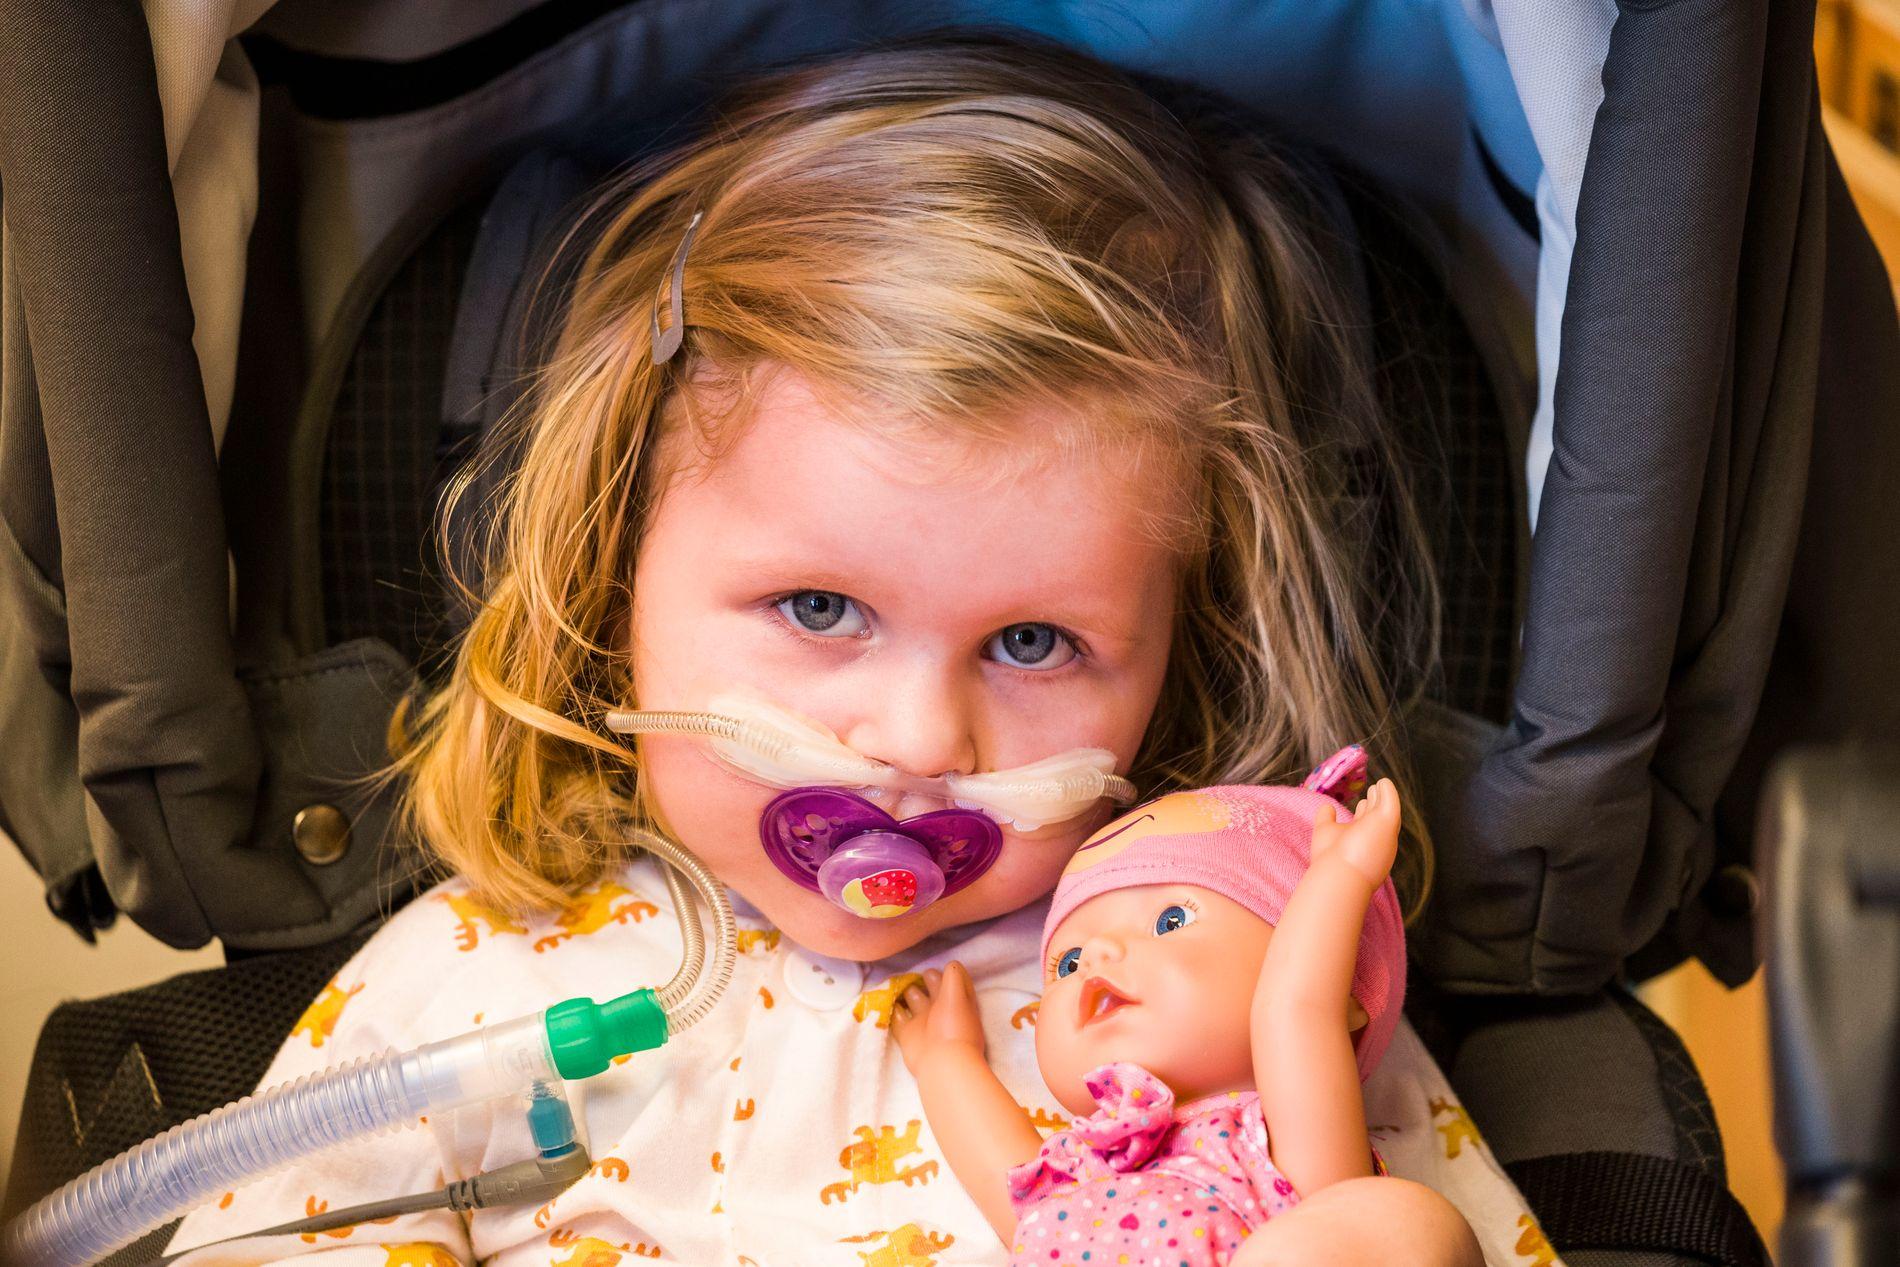 STADIG SYKERE: Mens andre barn på hennes alder lærer å gå og løpe, blir Thea svakere. Hun har den sjeldne sykdommen SMA, som svekker viktige funksjoner i kroppen. Den lille jenta er avhengig av pustehjelp.